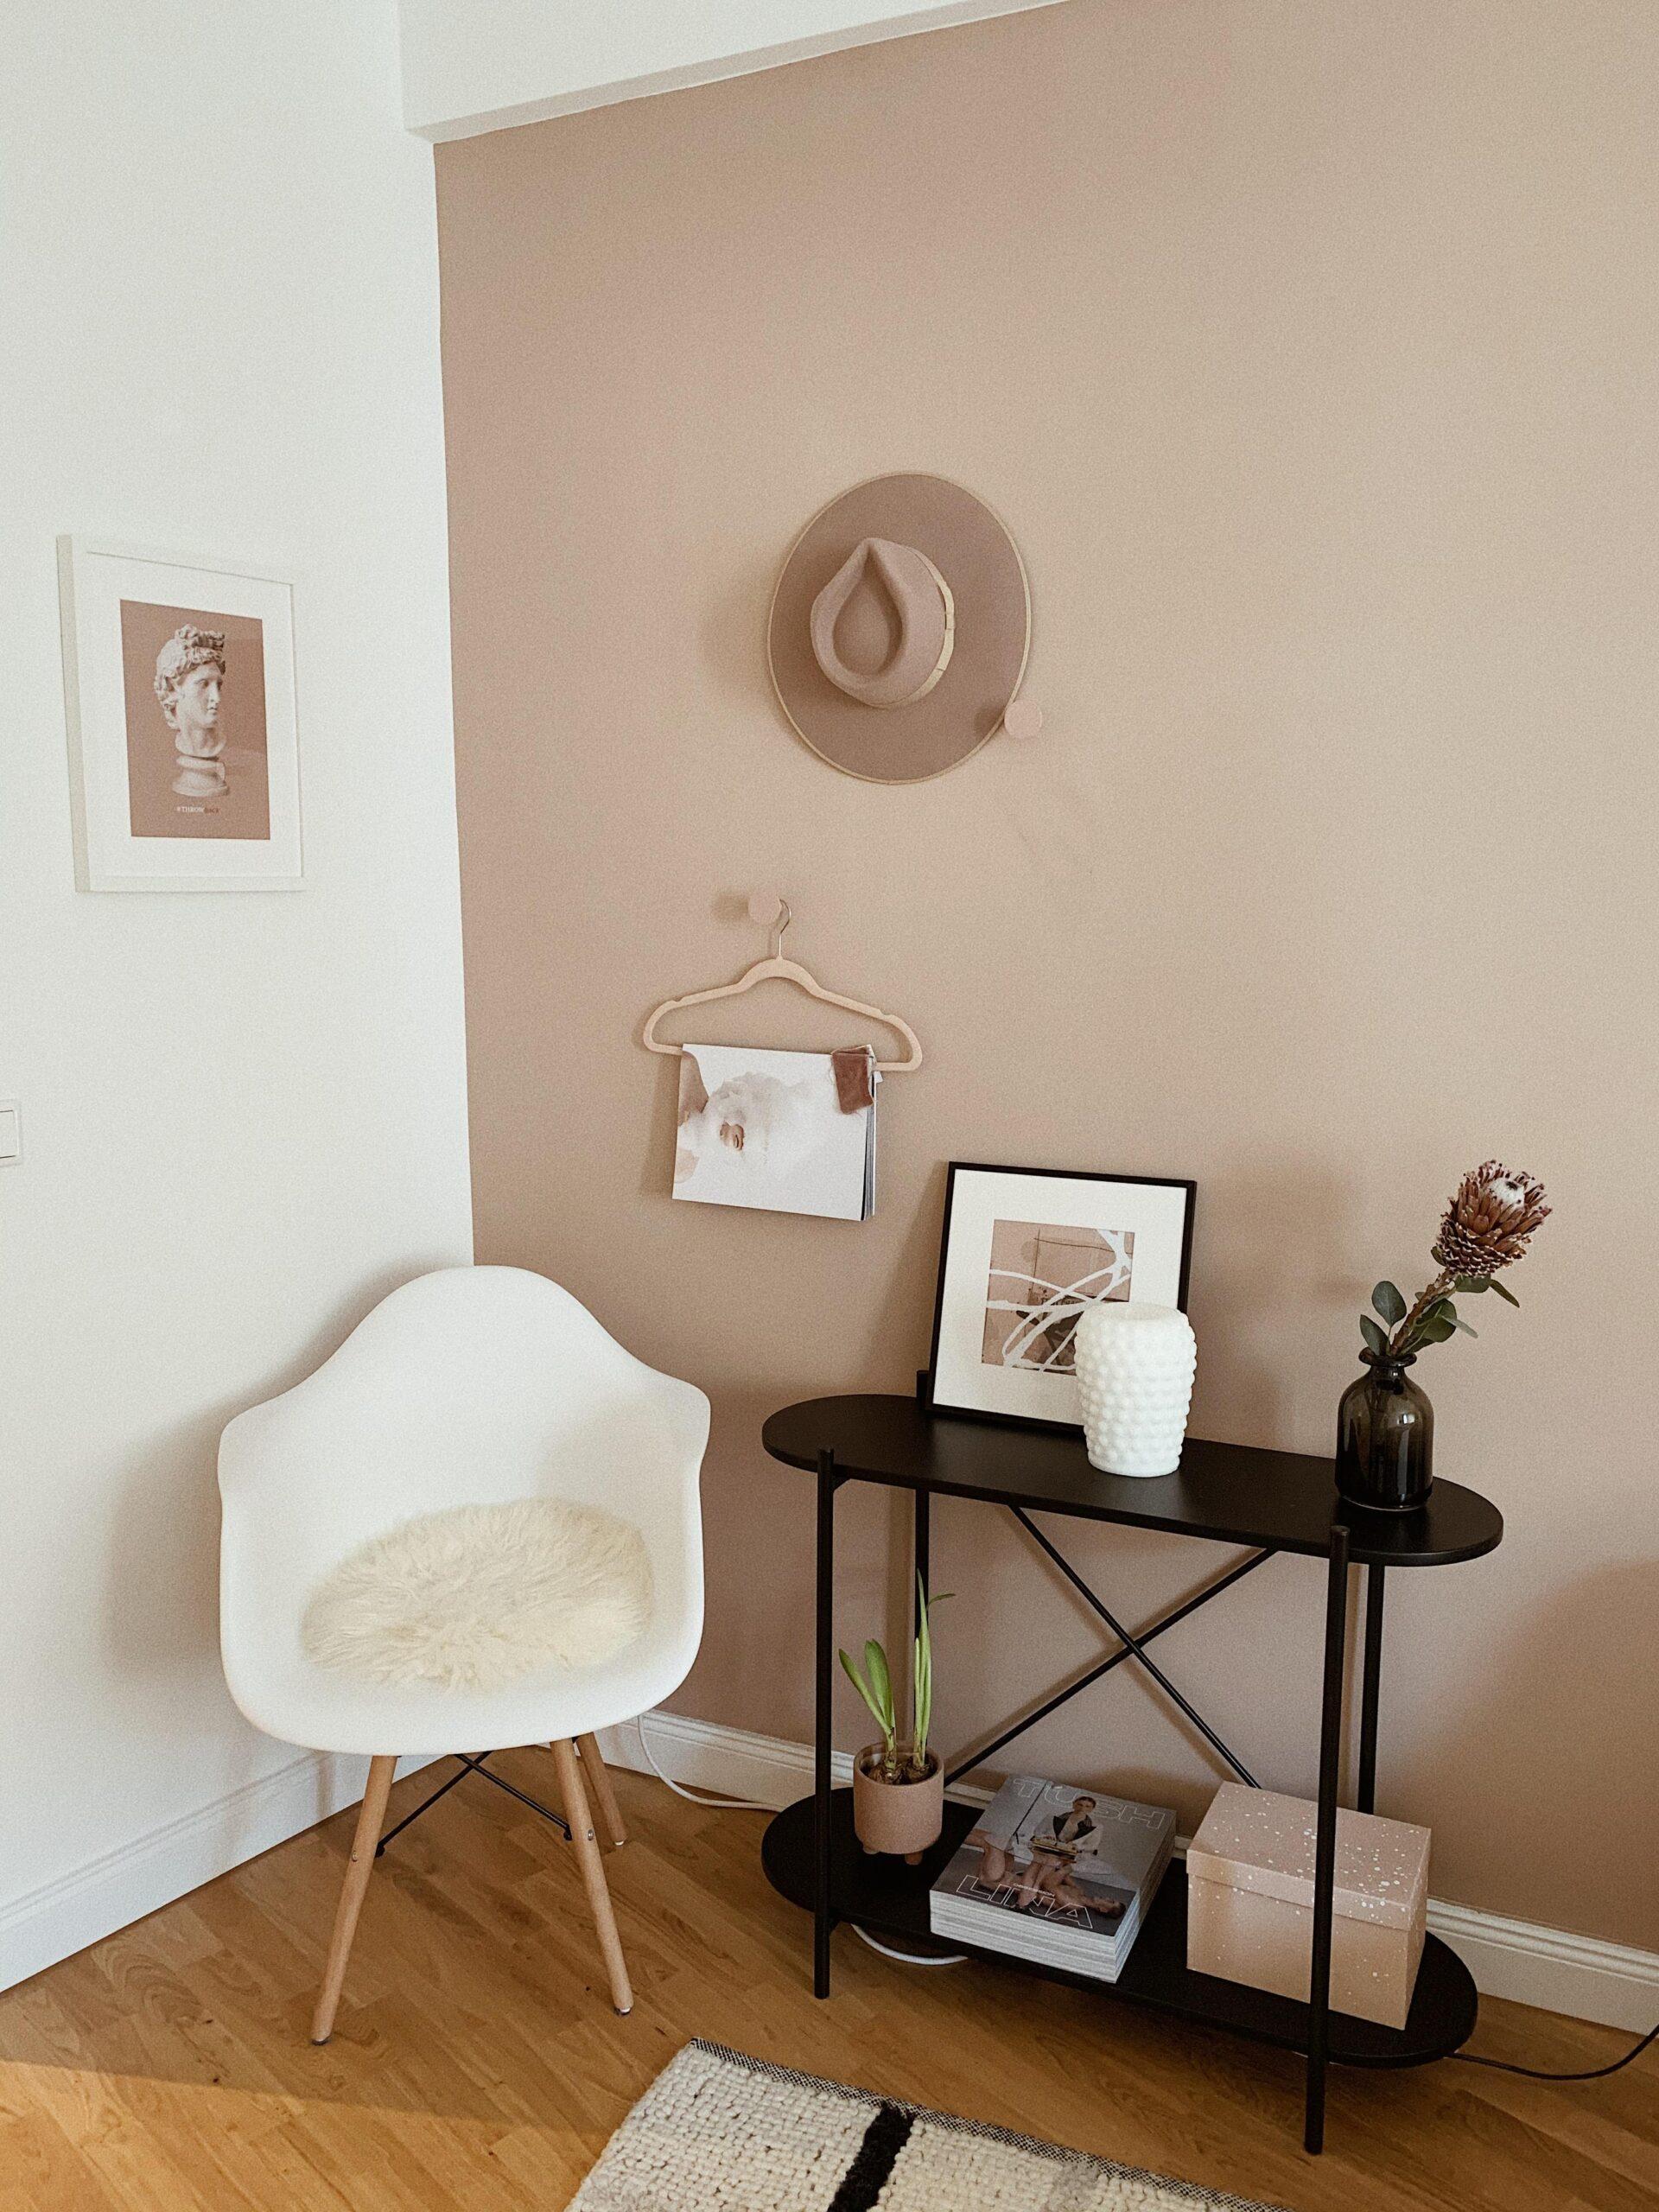 Full Size of Wanddeko Schlafzimmer Diy Selber Machen Wanddekoration Holz Modern Ideen Amazon Moderne Livingchallenge Couch Klimagerät Für Komplettangebote Deckenleuchte Wohnzimmer Wanddeko Schlafzimmer